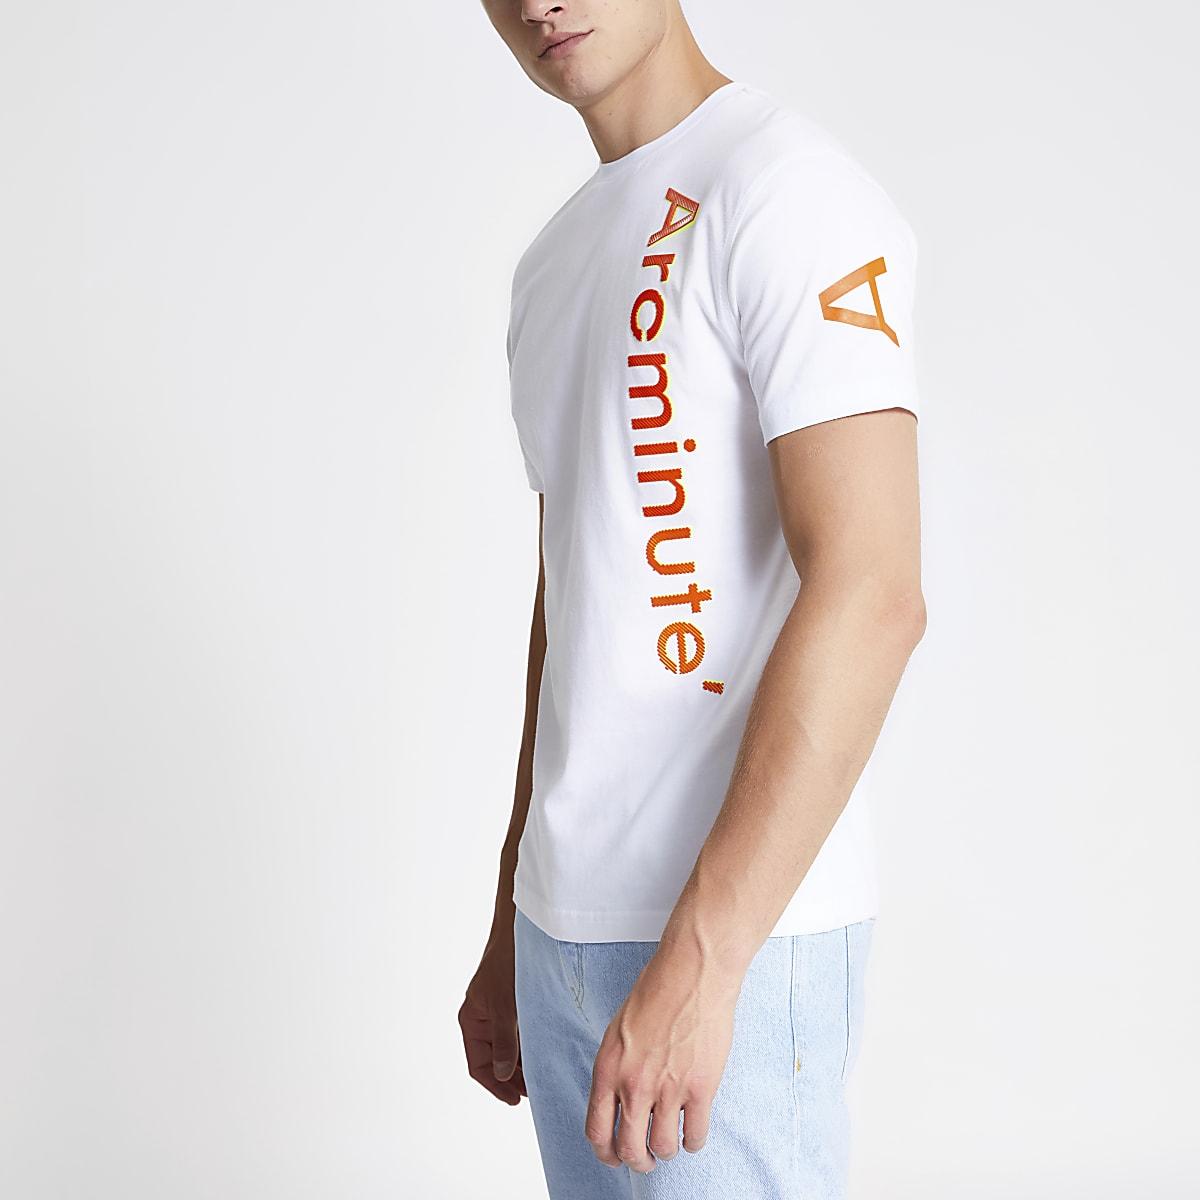 Arcminute – Weißes T-Shirt mit Logo